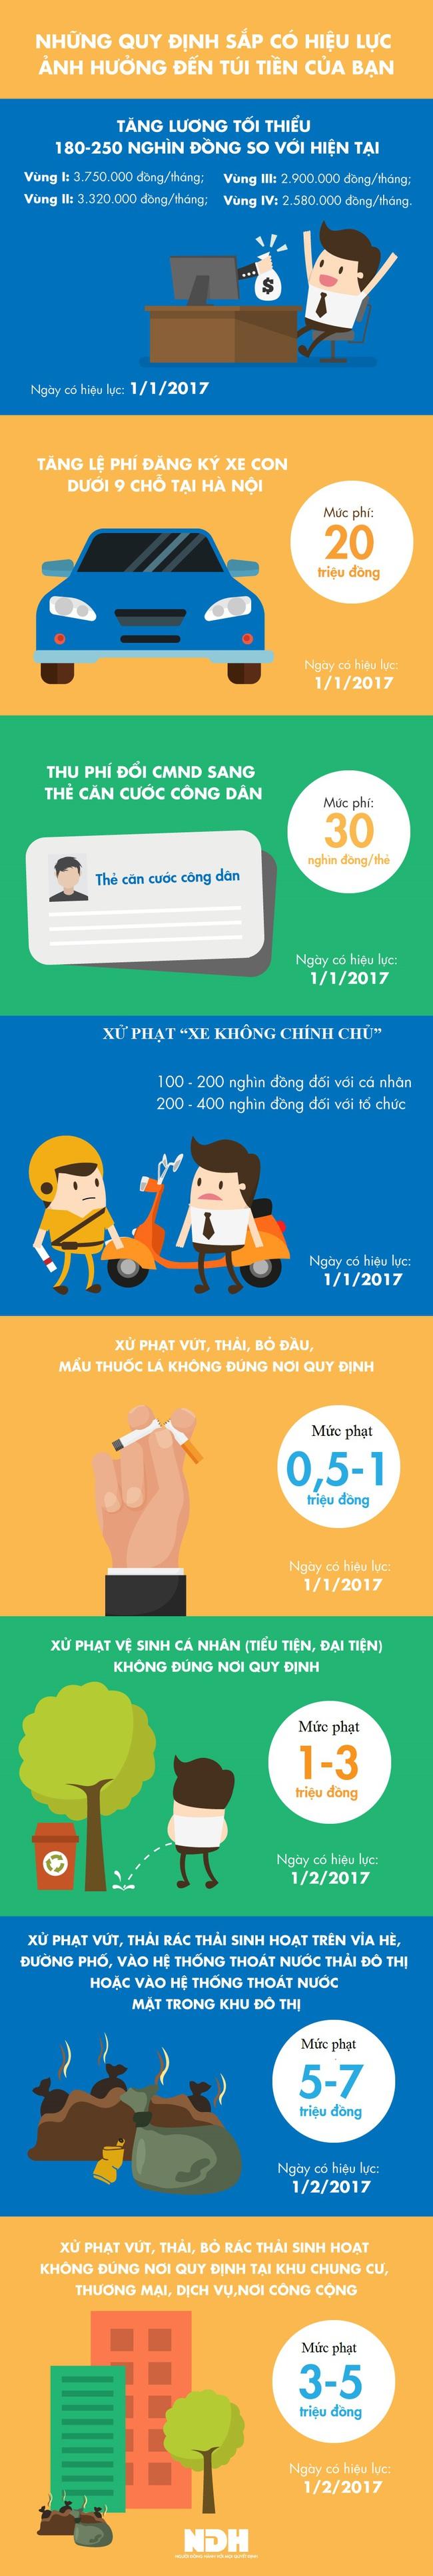 [Infographic] Những quy định sắp có hiệu lực ảnh hưởng đến túi tiền của bạn